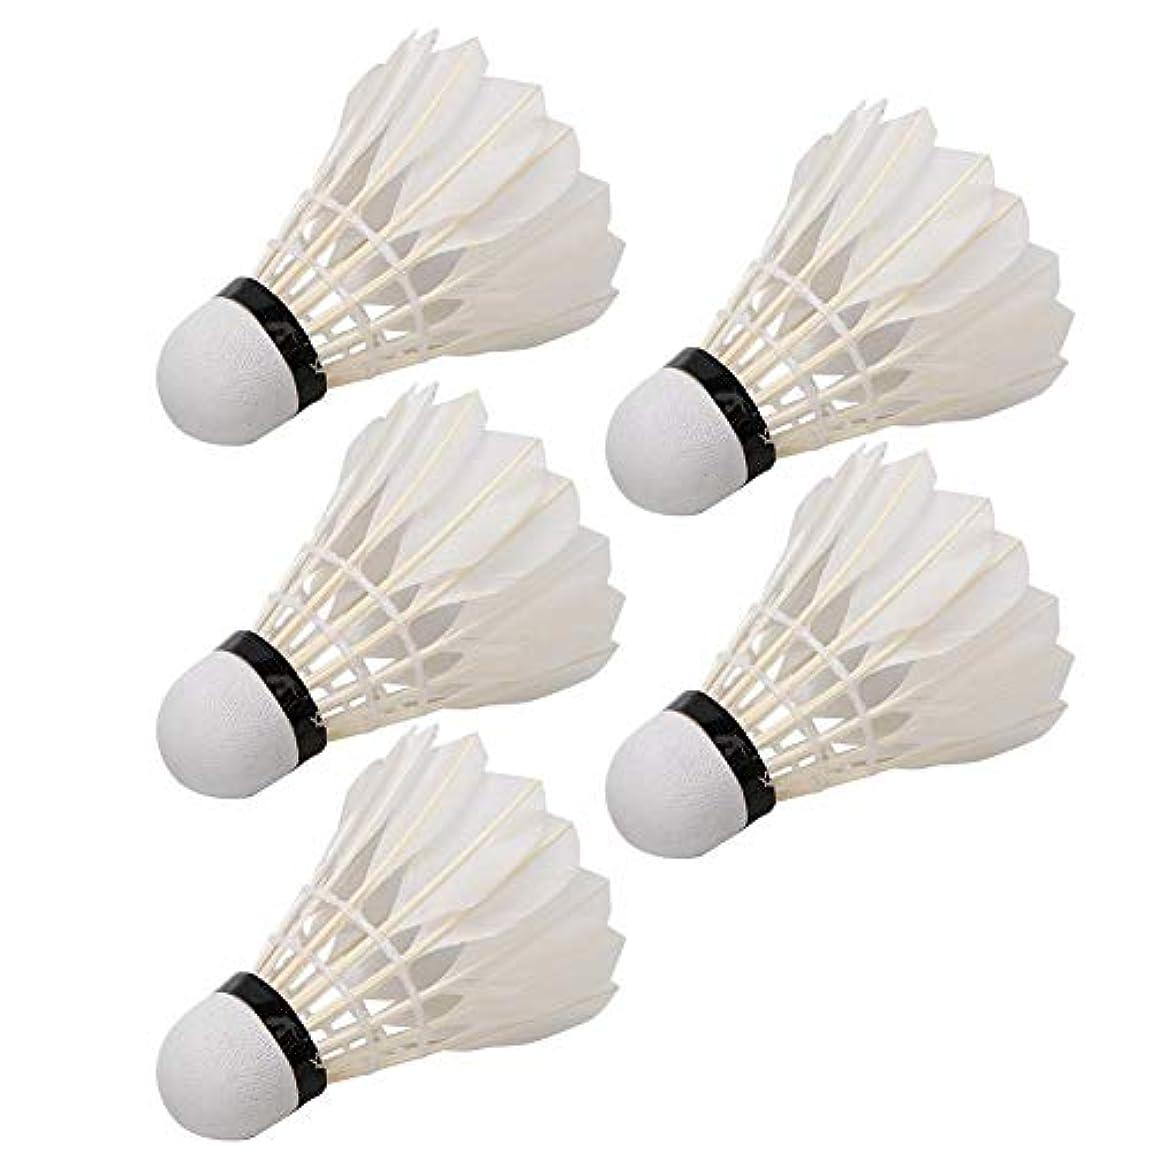 控えめな起きる分類5個/セットバドミントンボール、耐久性のある羽毛バドミントンボール屋外屋内トレーニング用シャトルコック、バドミントン機器アクセサリー